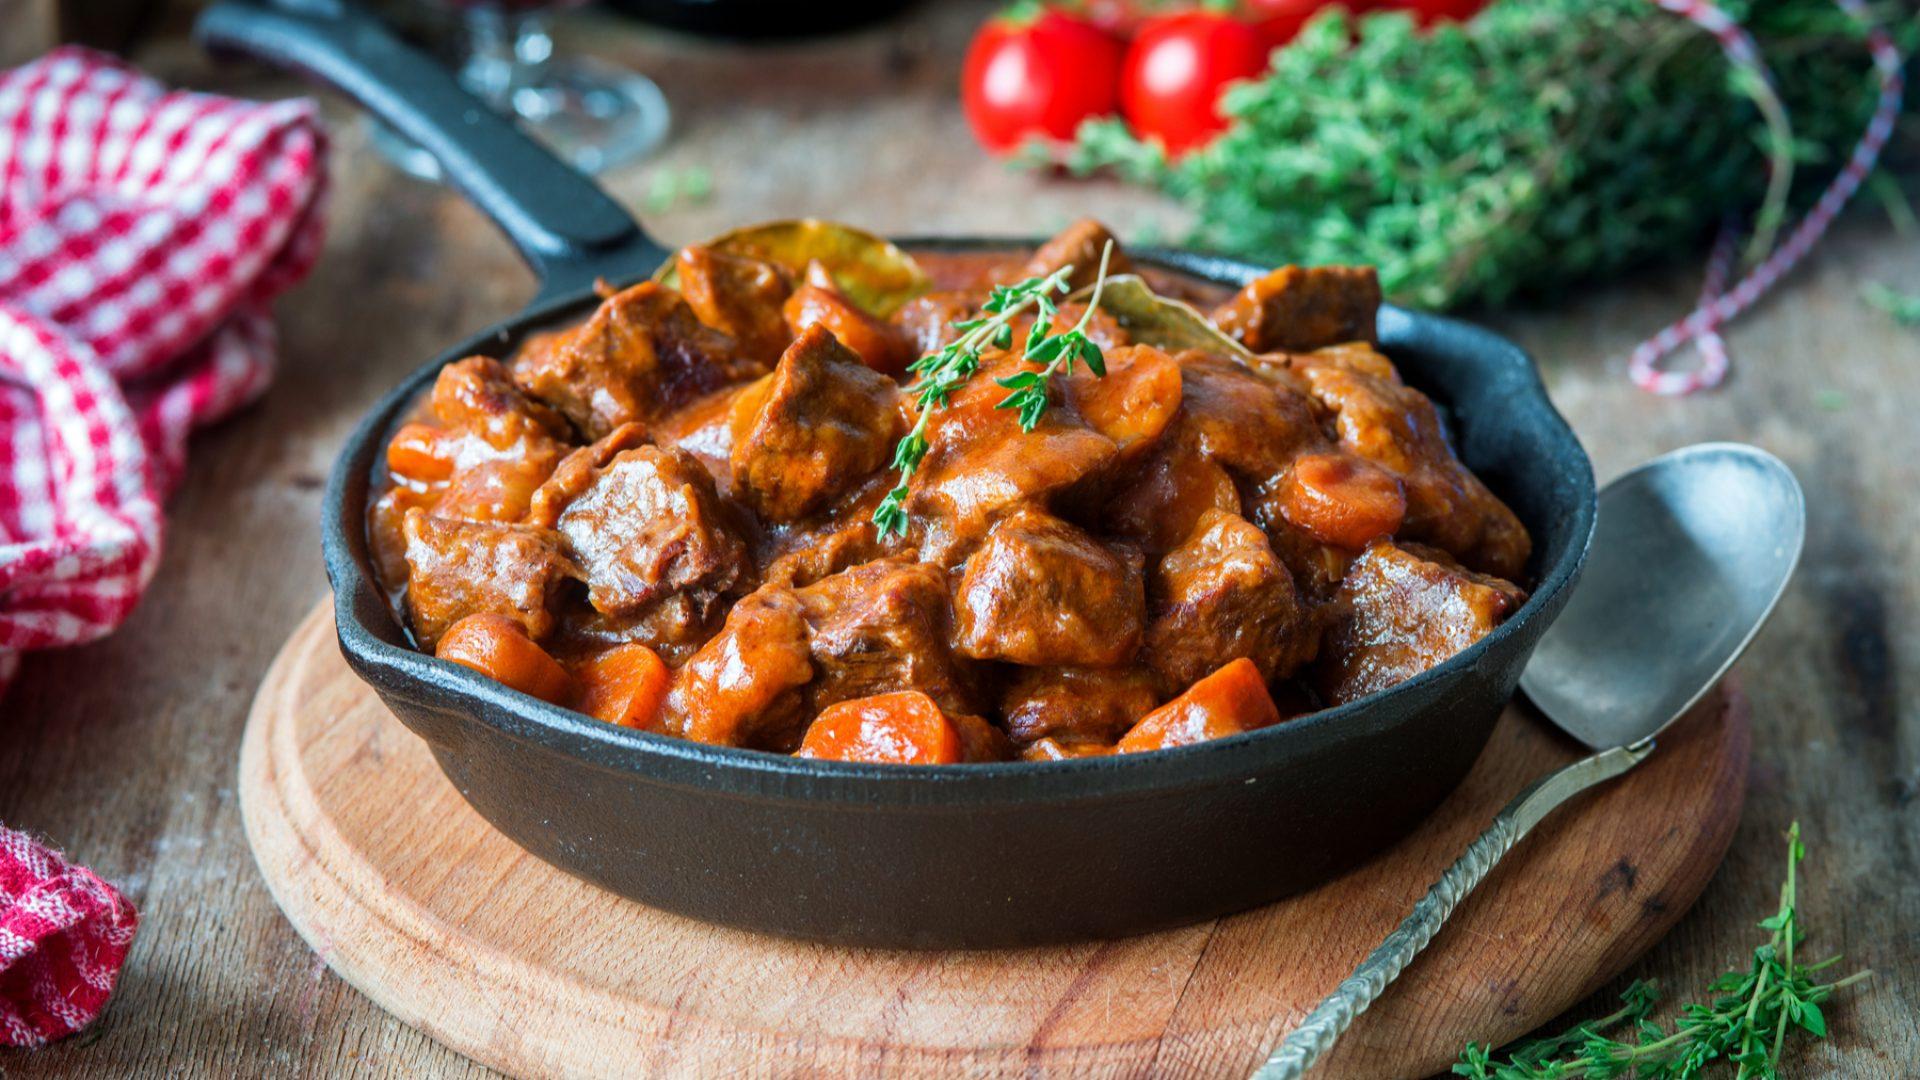 «کرونا» میتواند از طریق غذا به بدن منتقل شود